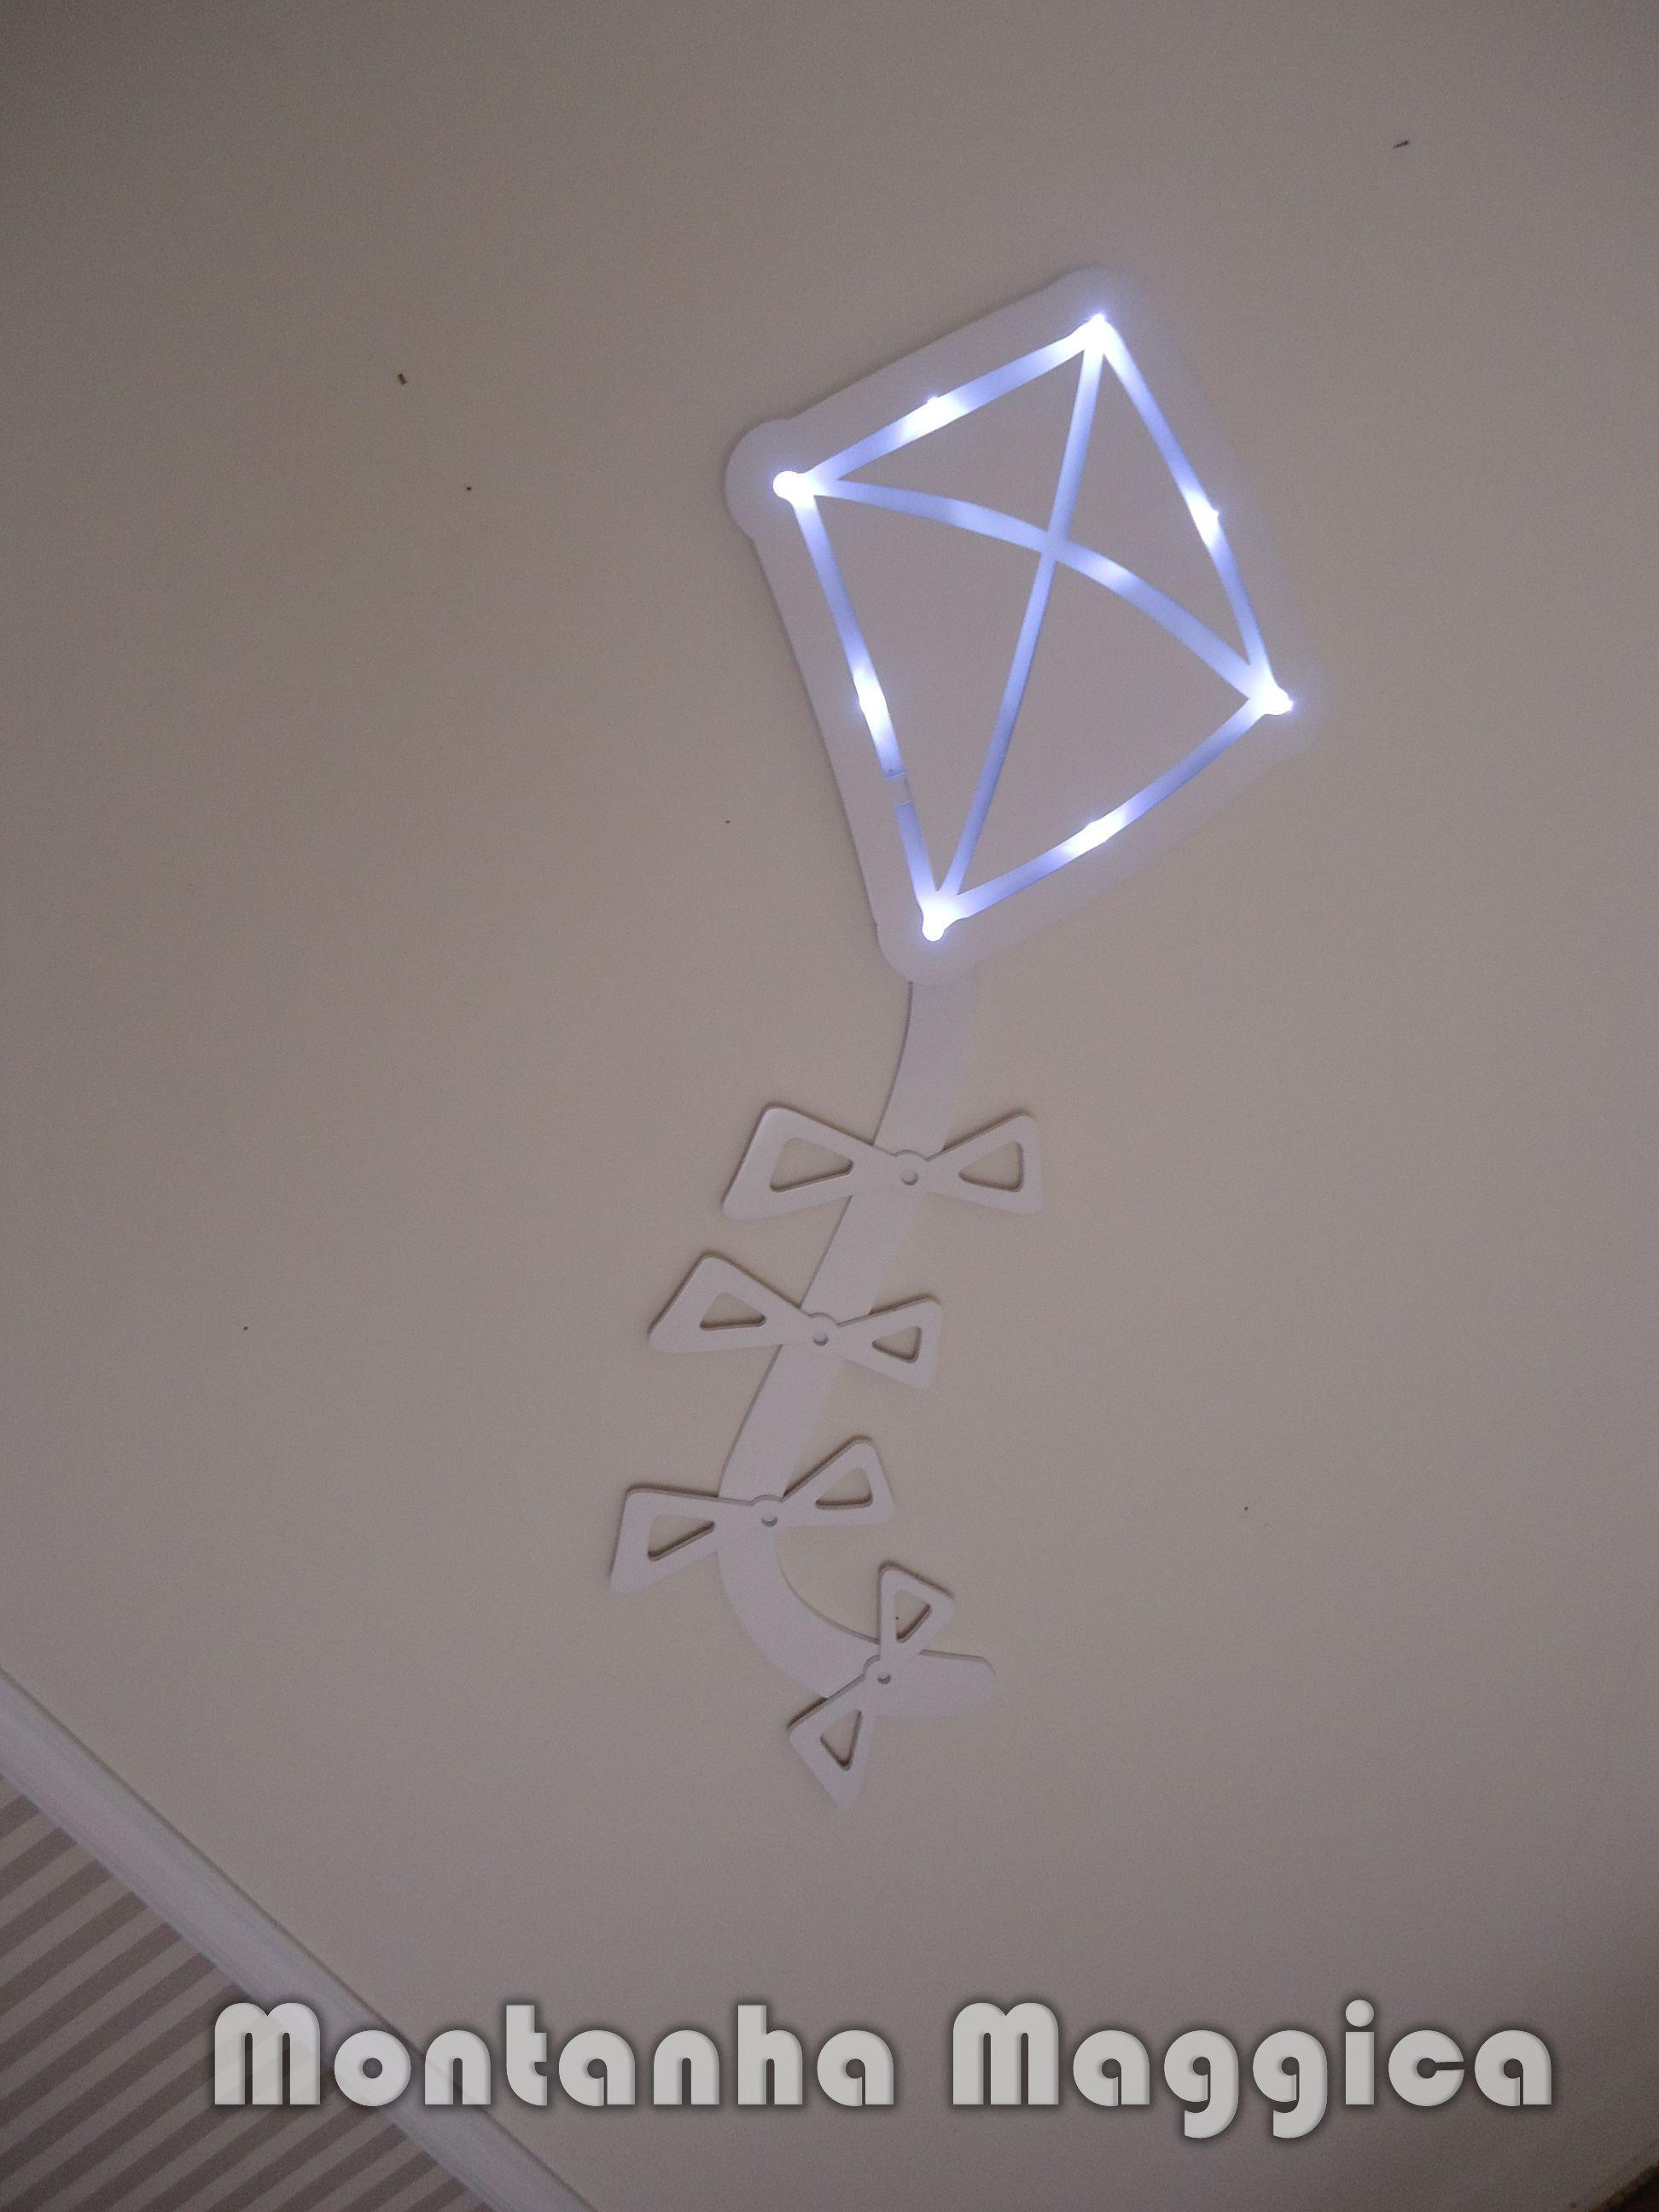 Quadro Para Quarto De Bebe Com Led ~   iluminacao de led led quadro pipa com iluminacao de led quadro menino